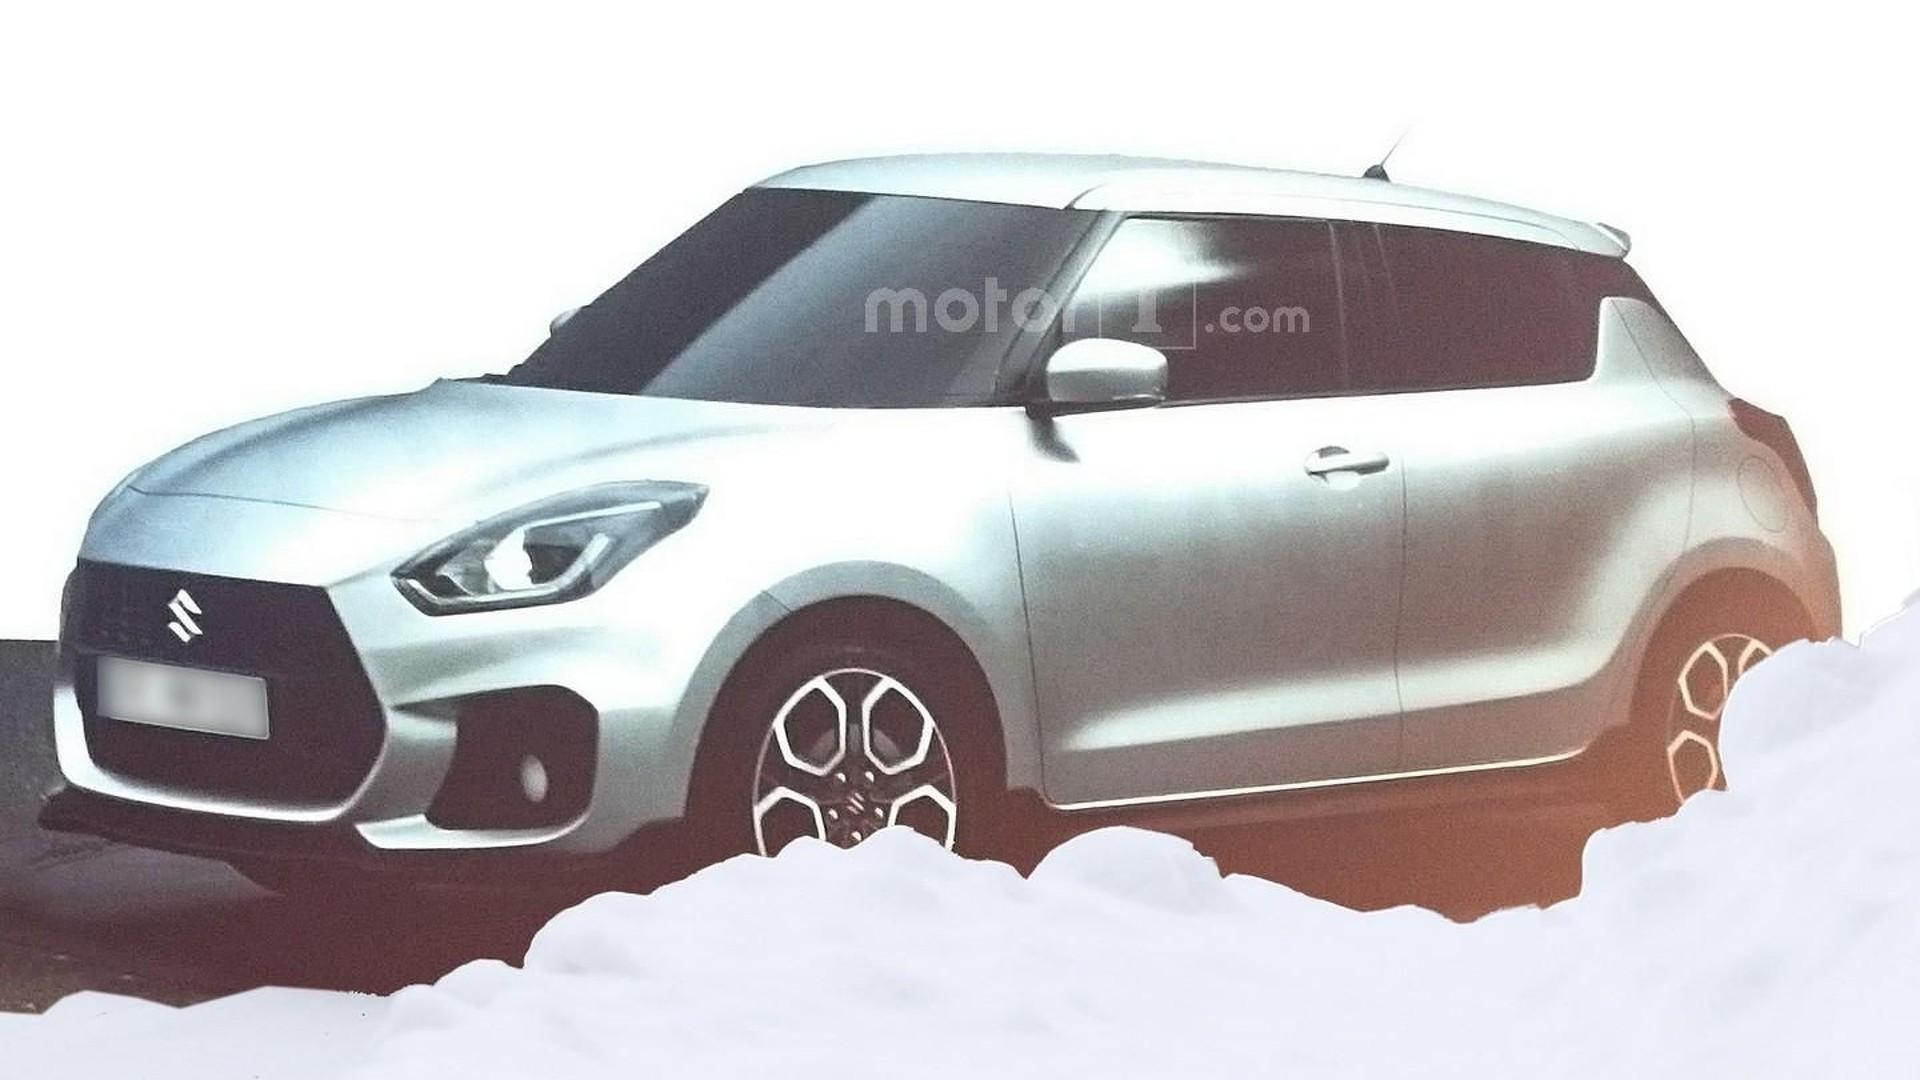 2017 Suzuki Swift, Swift Sport emerge from dealer presentation